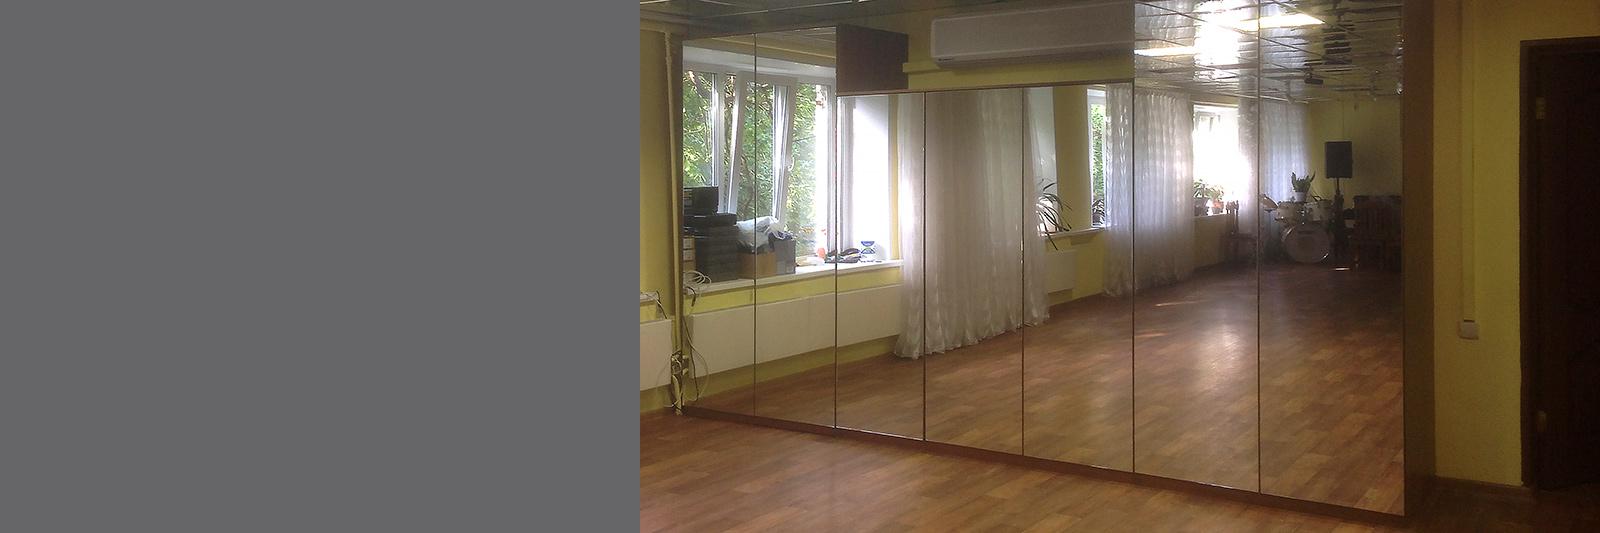 Зеркальный шкаф на заказ в кабинет хореографии